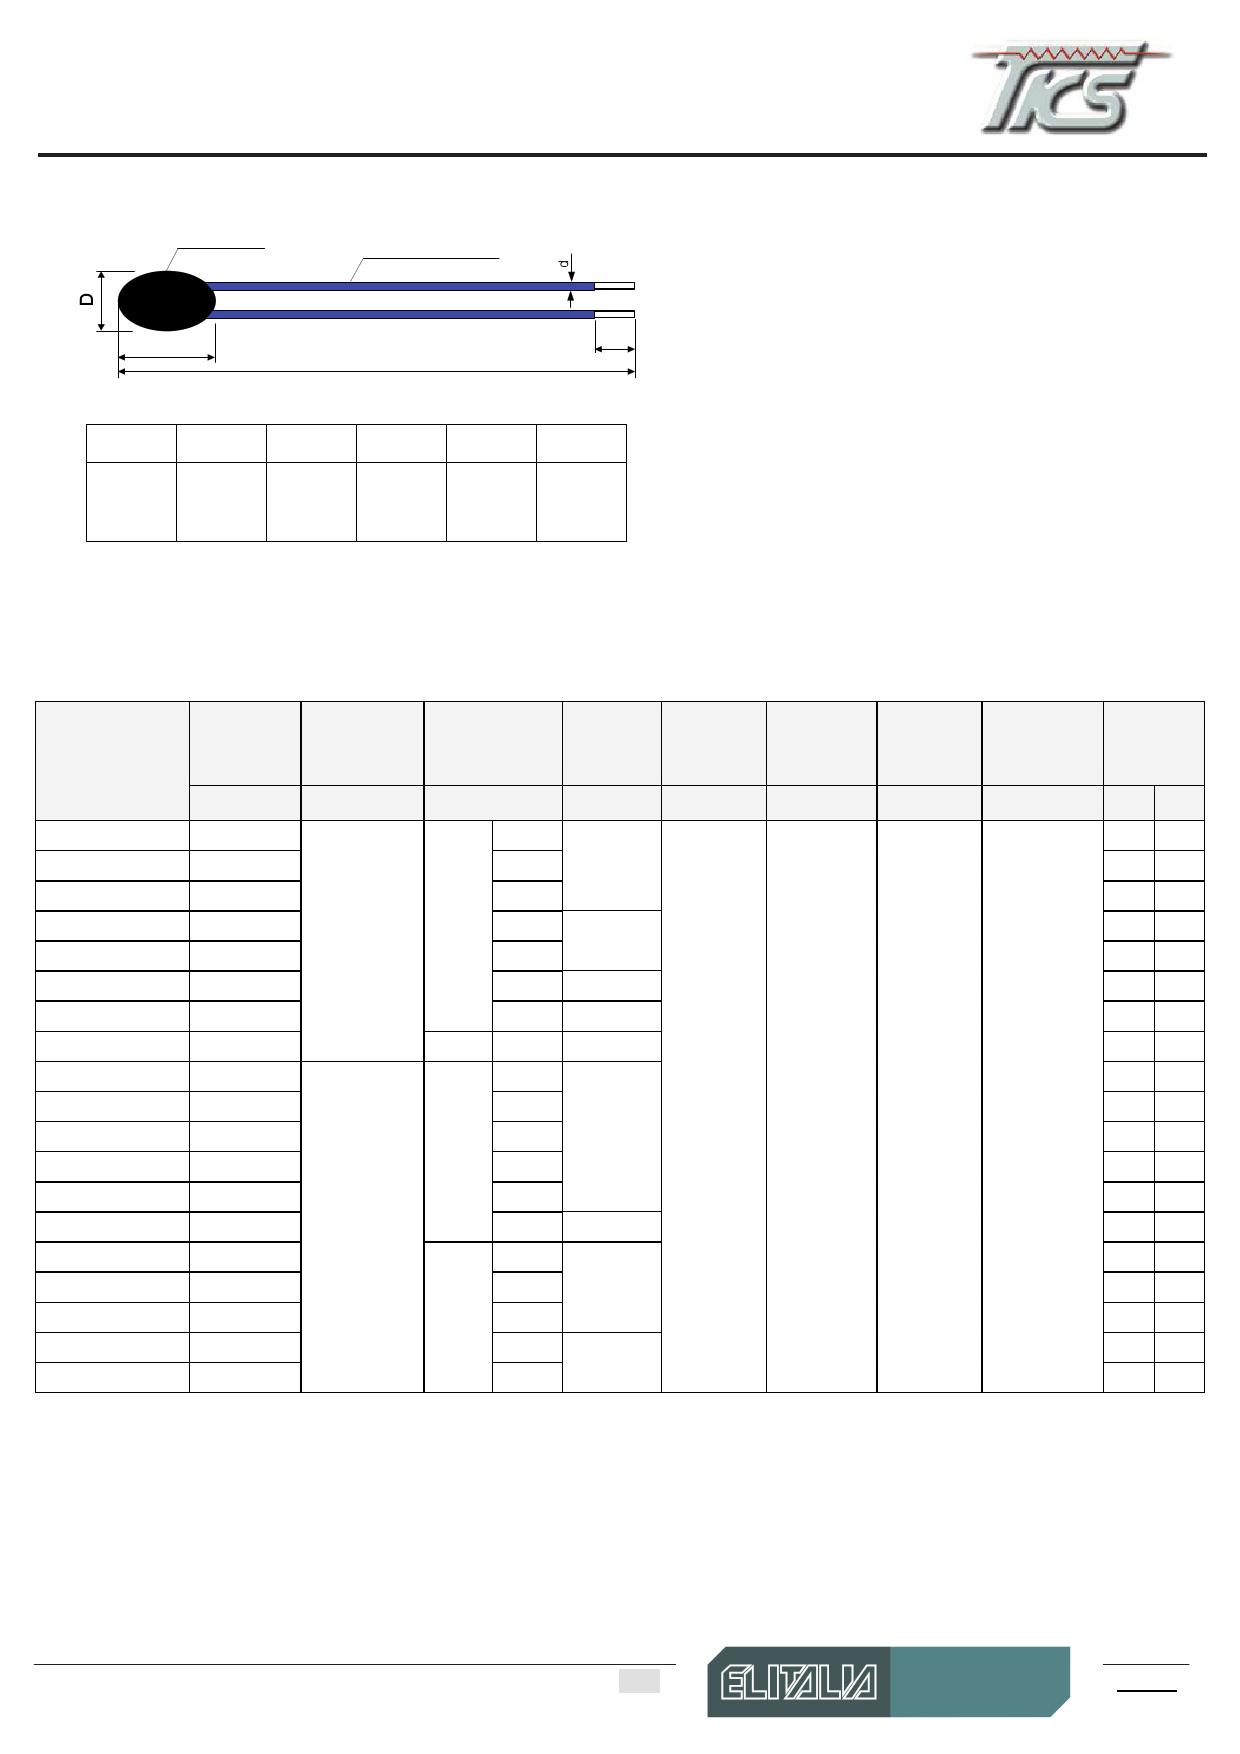 TTS2B474 pdf, schematic